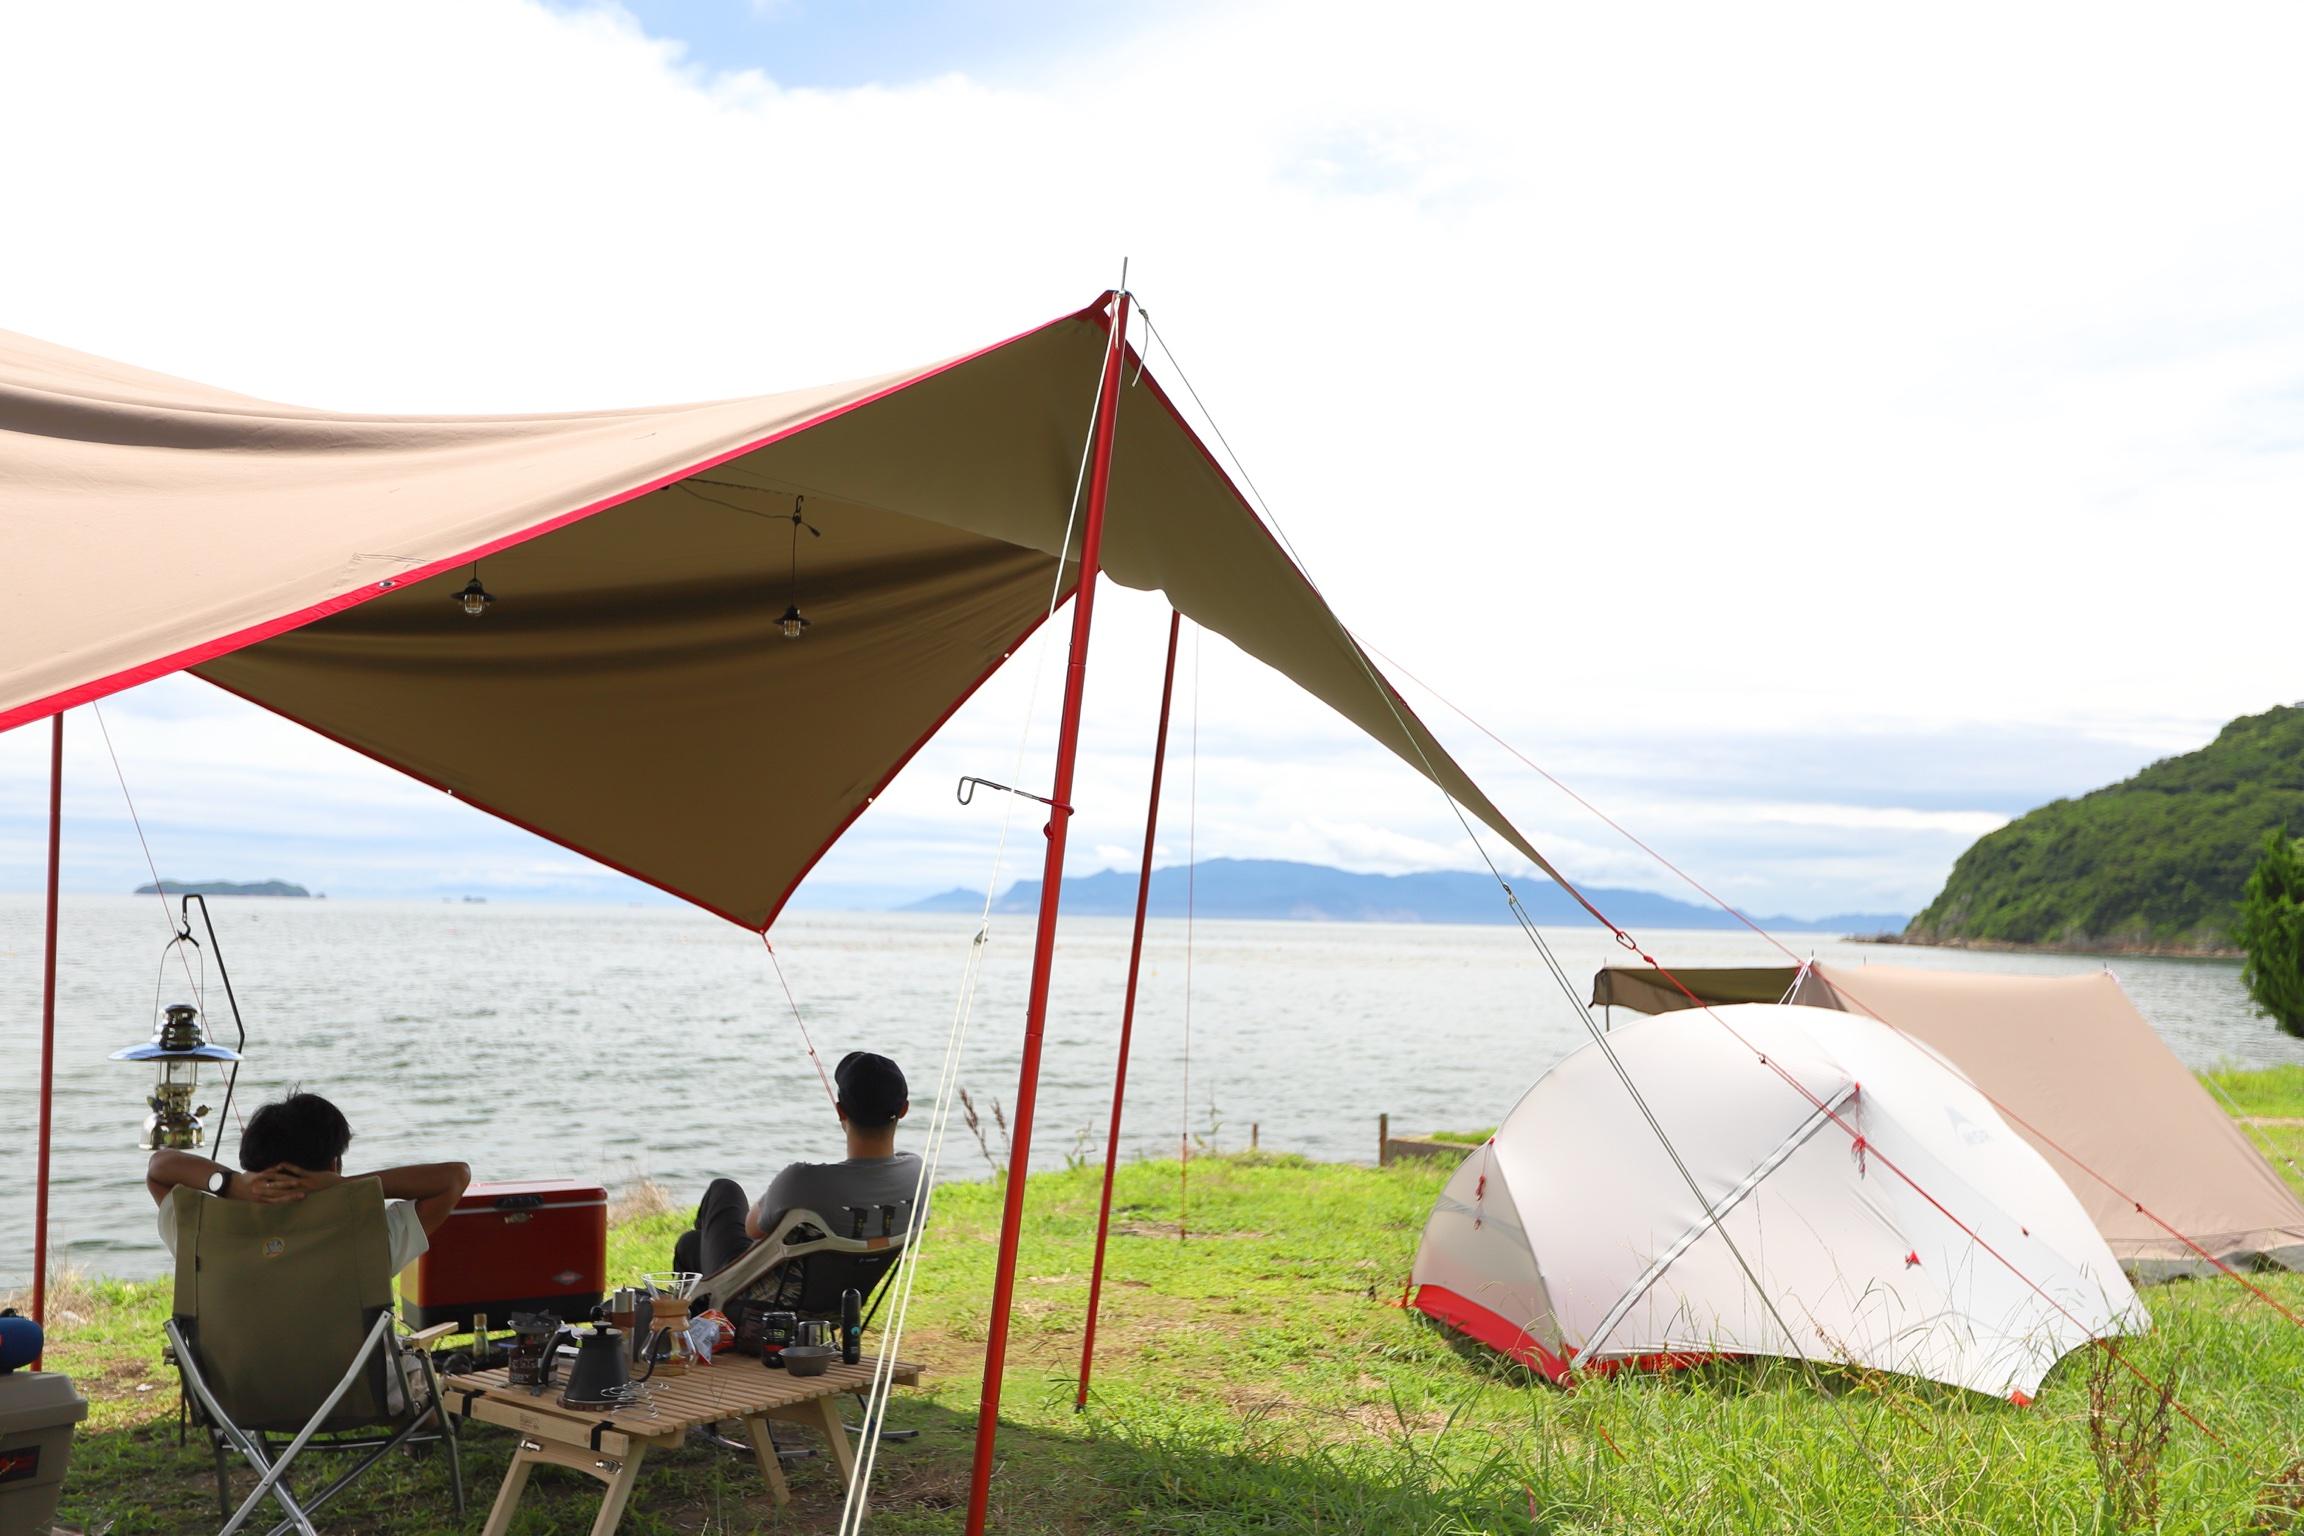 目の前には瀬戸内海!お得な無料のキャンプ場。丸山県民サンビーチ